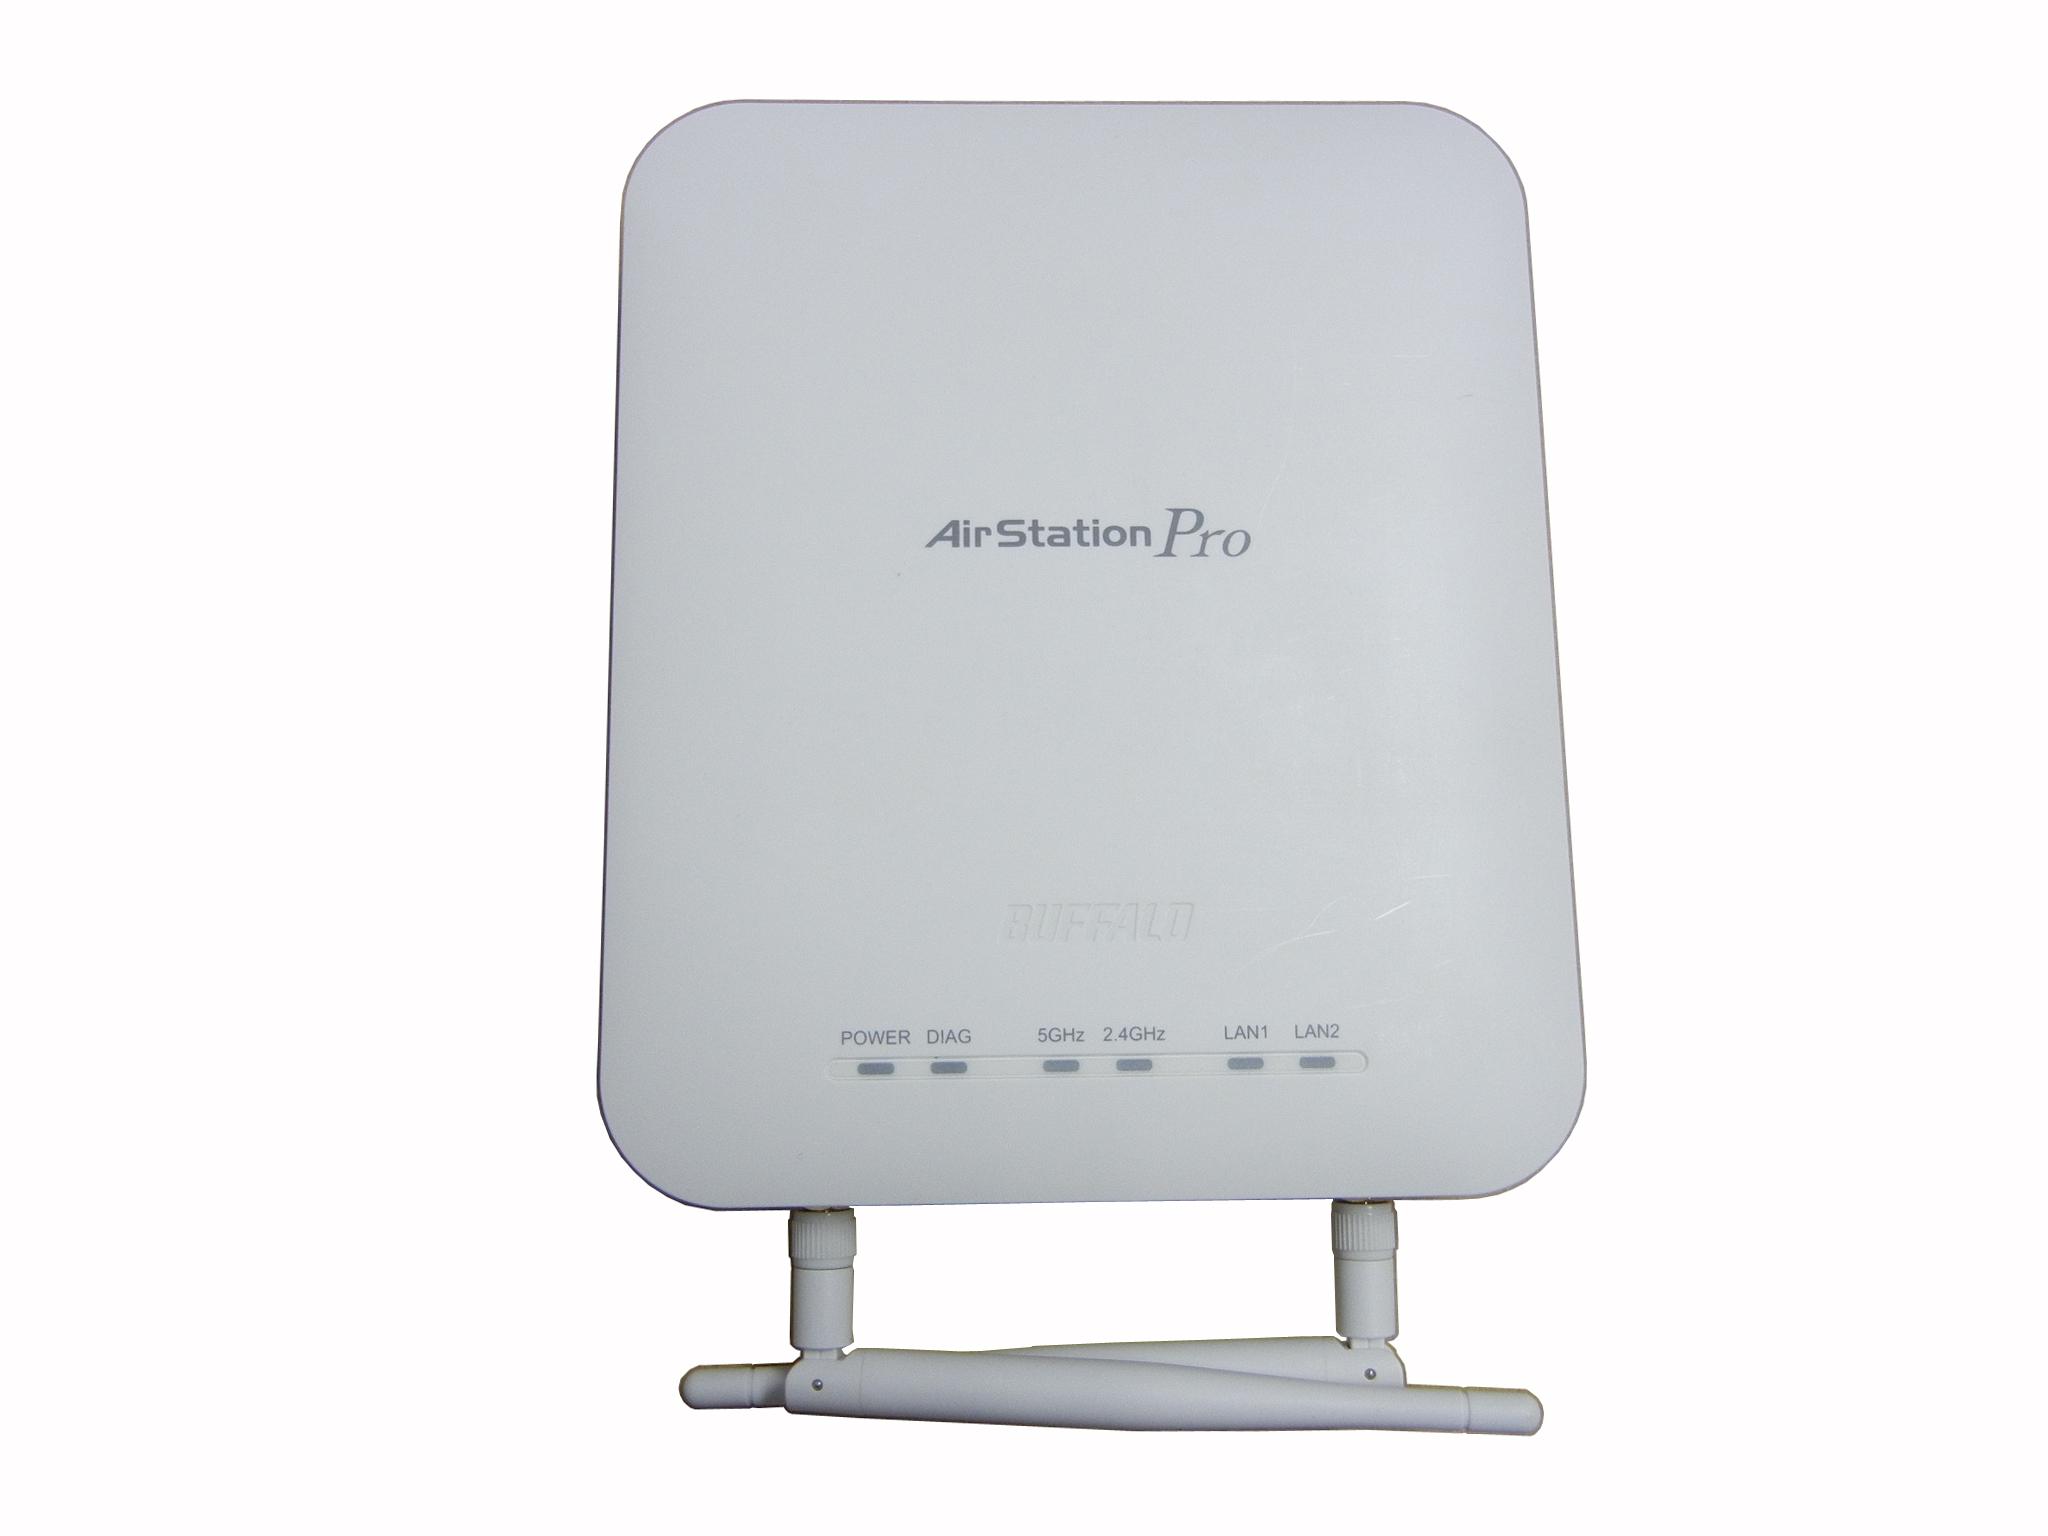 【中古】BUFFALO WAPM-APG600H  無線LANアクセスポイント